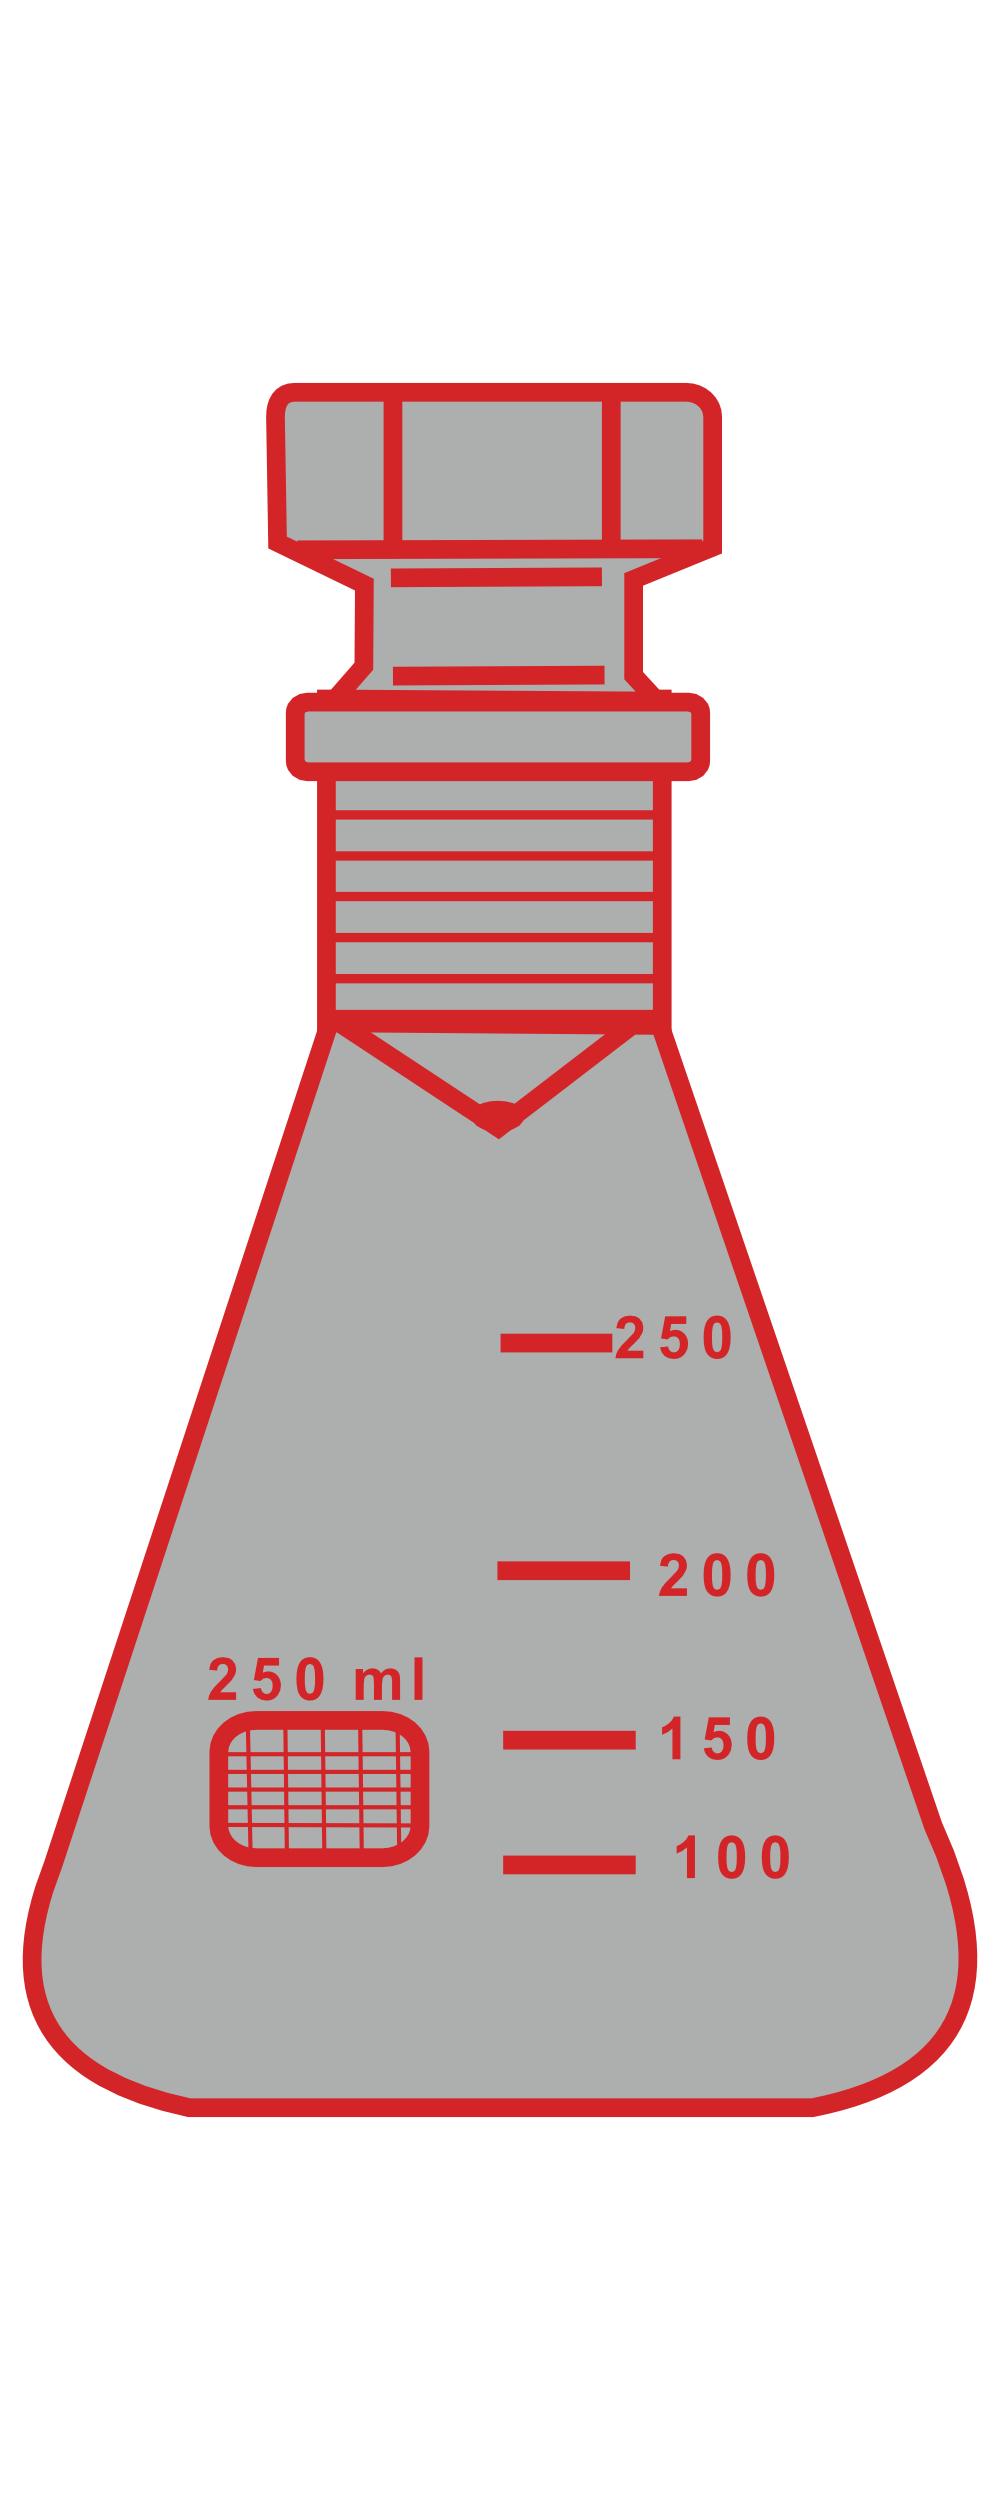 3. Winzer Laborglastechnik_braune Glasgeräte_Jodzahl-Kolben